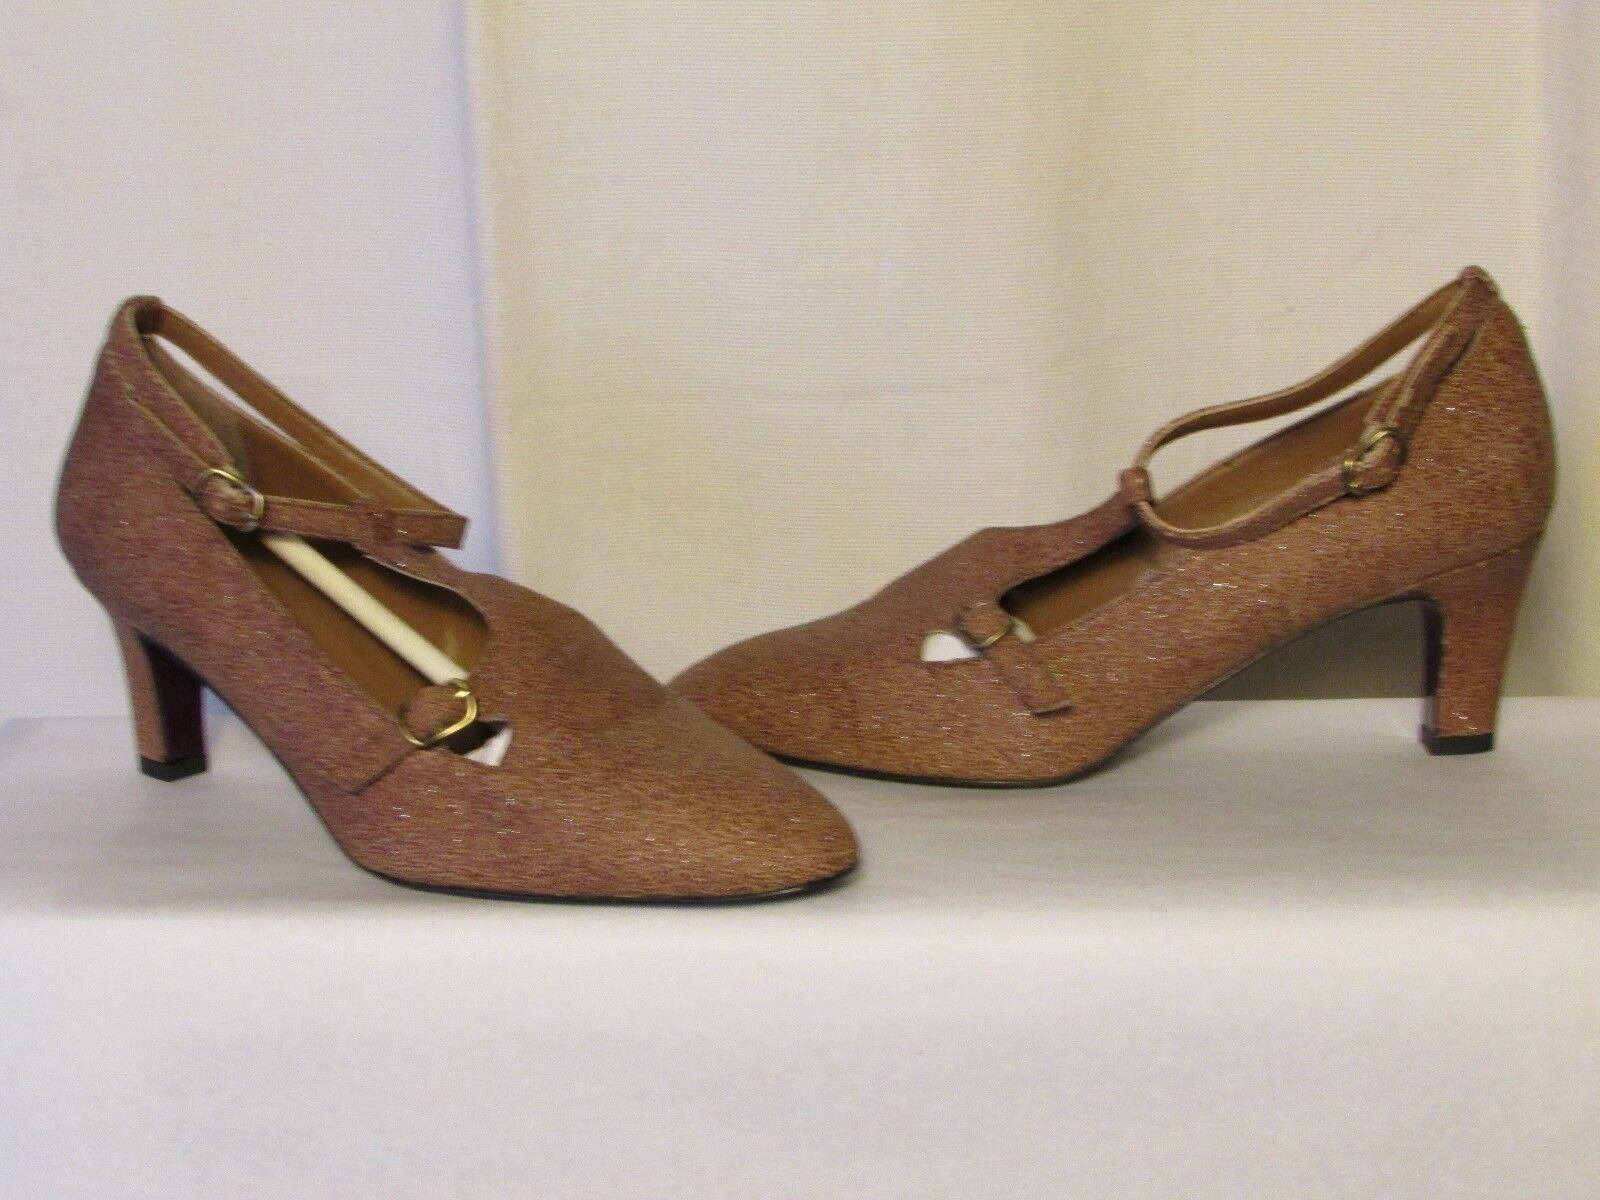 Escarpins accessoire diffusion cuir gaufré +ou- brillant fauve 37